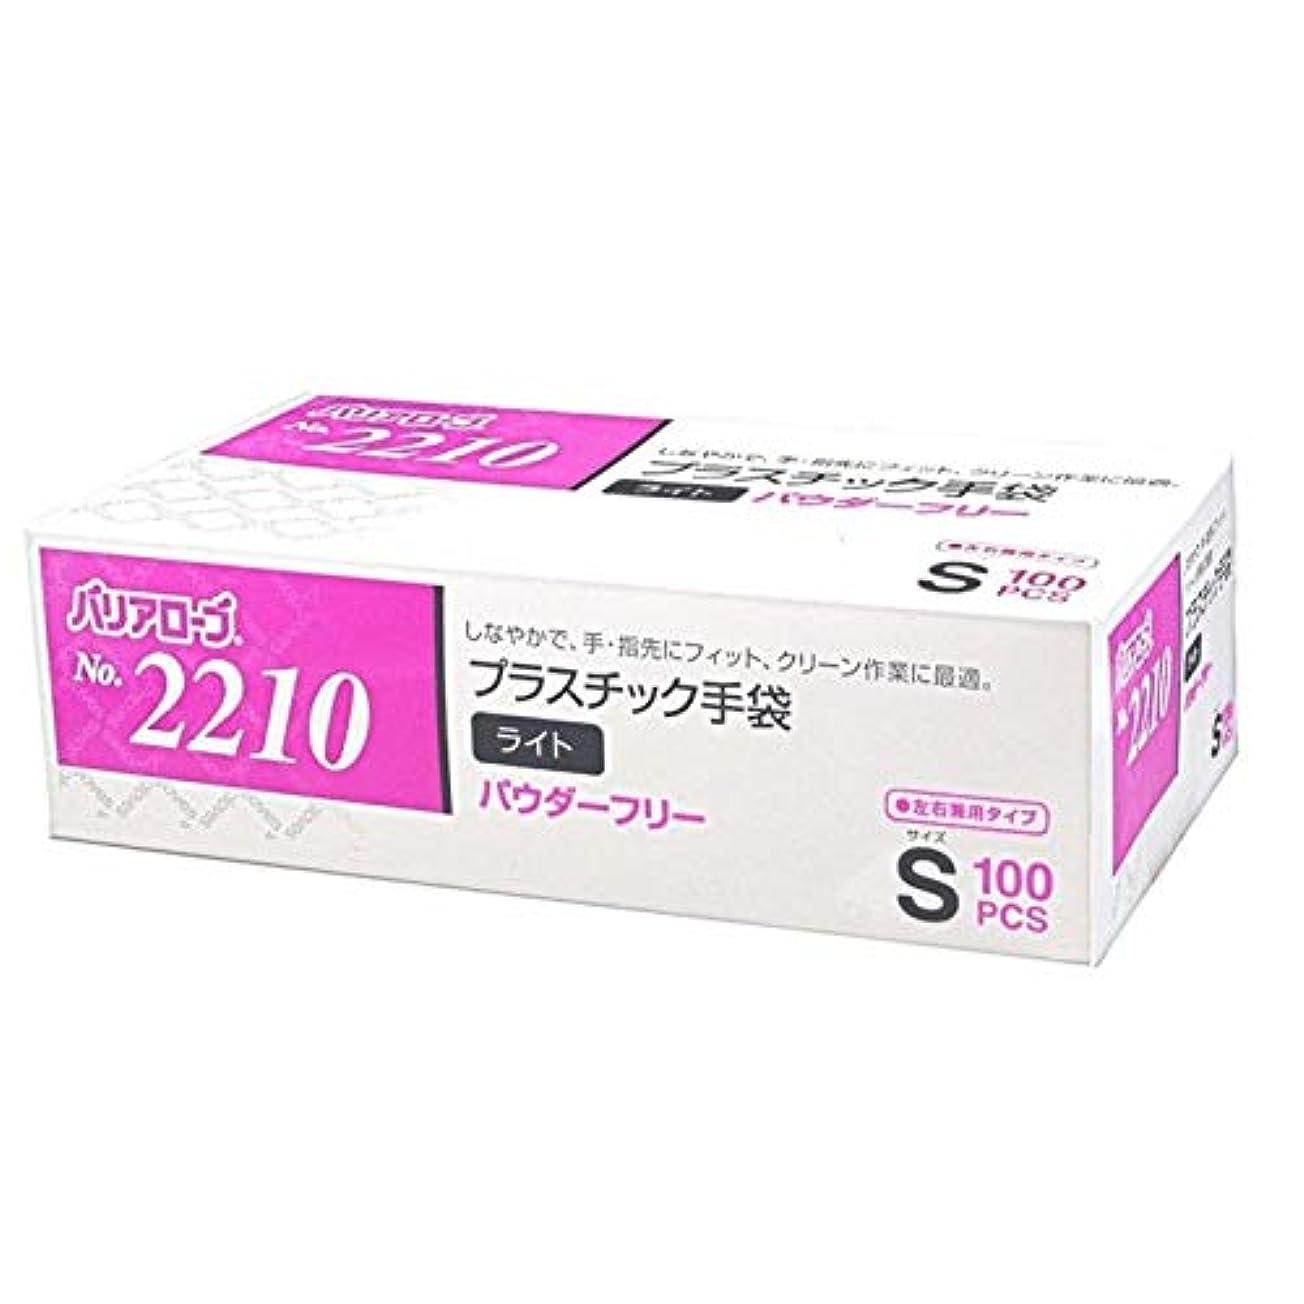 レンド魅惑的なコンドーム【ケース販売】 バリアローブ №2210 プラスチック手袋 ライト (パウダーフリー) S 2000枚(100枚×20箱)